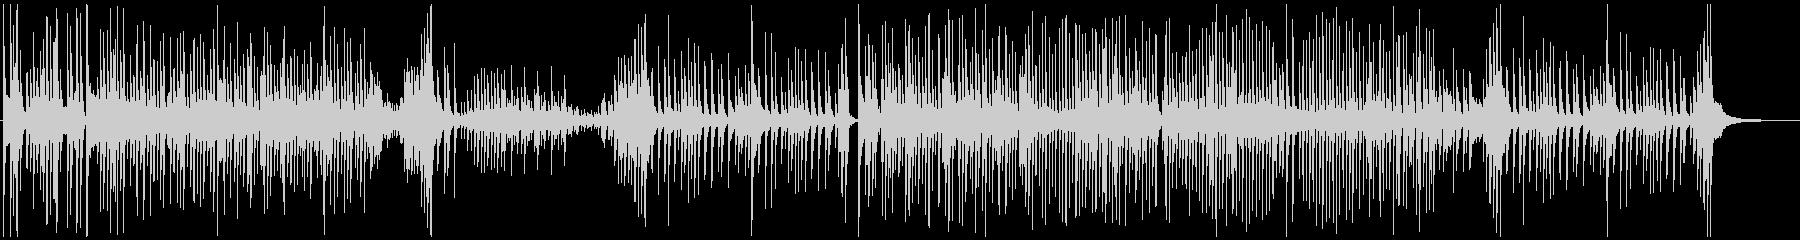 津軽三味線ソロ-D、激しい、疾走、声なしの未再生の波形